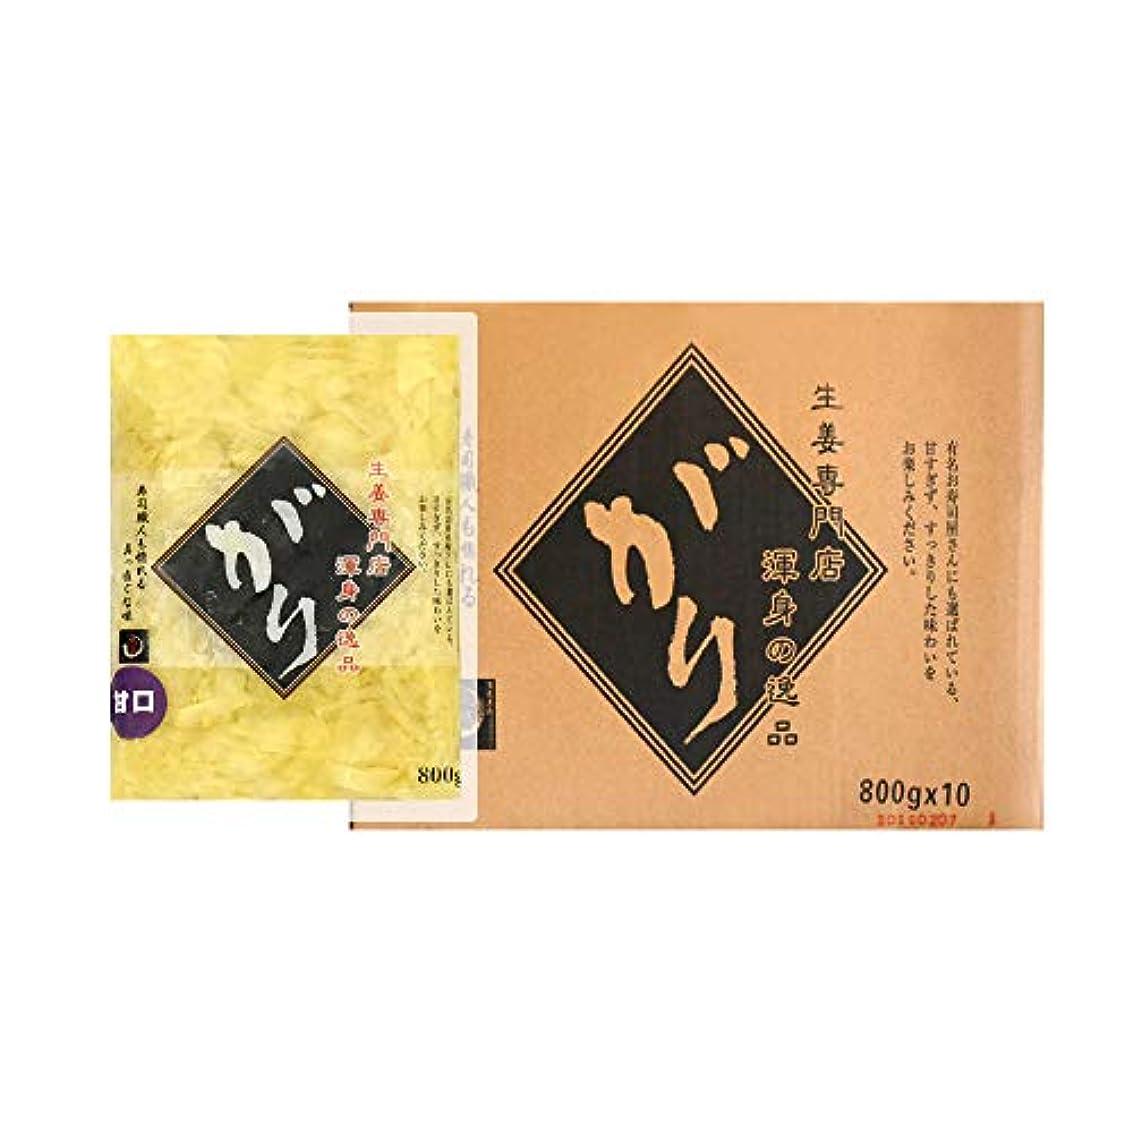 オーロック浪費不機嫌甘口ガリ生姜(甘酢生姜)800g×10袋(1ケース) 送料無料(沖縄、離島を除く)